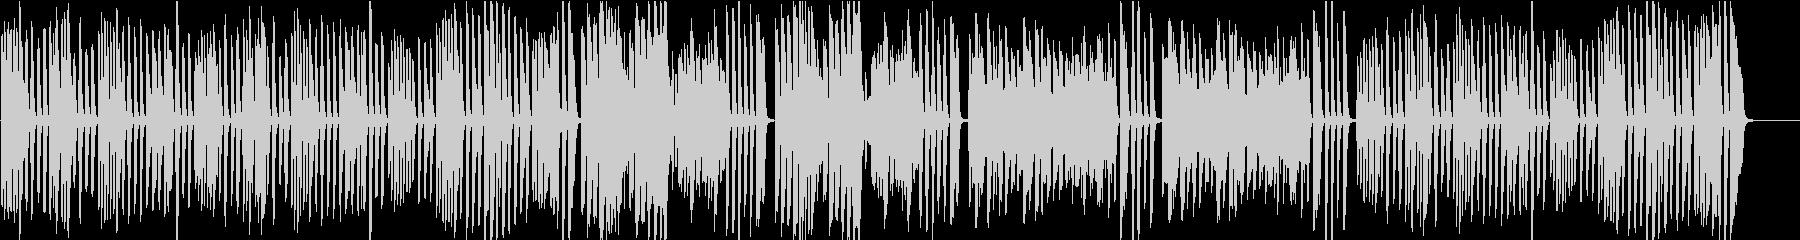 ピアノ名曲ガボット 上品でかわいい曲の未再生の波形